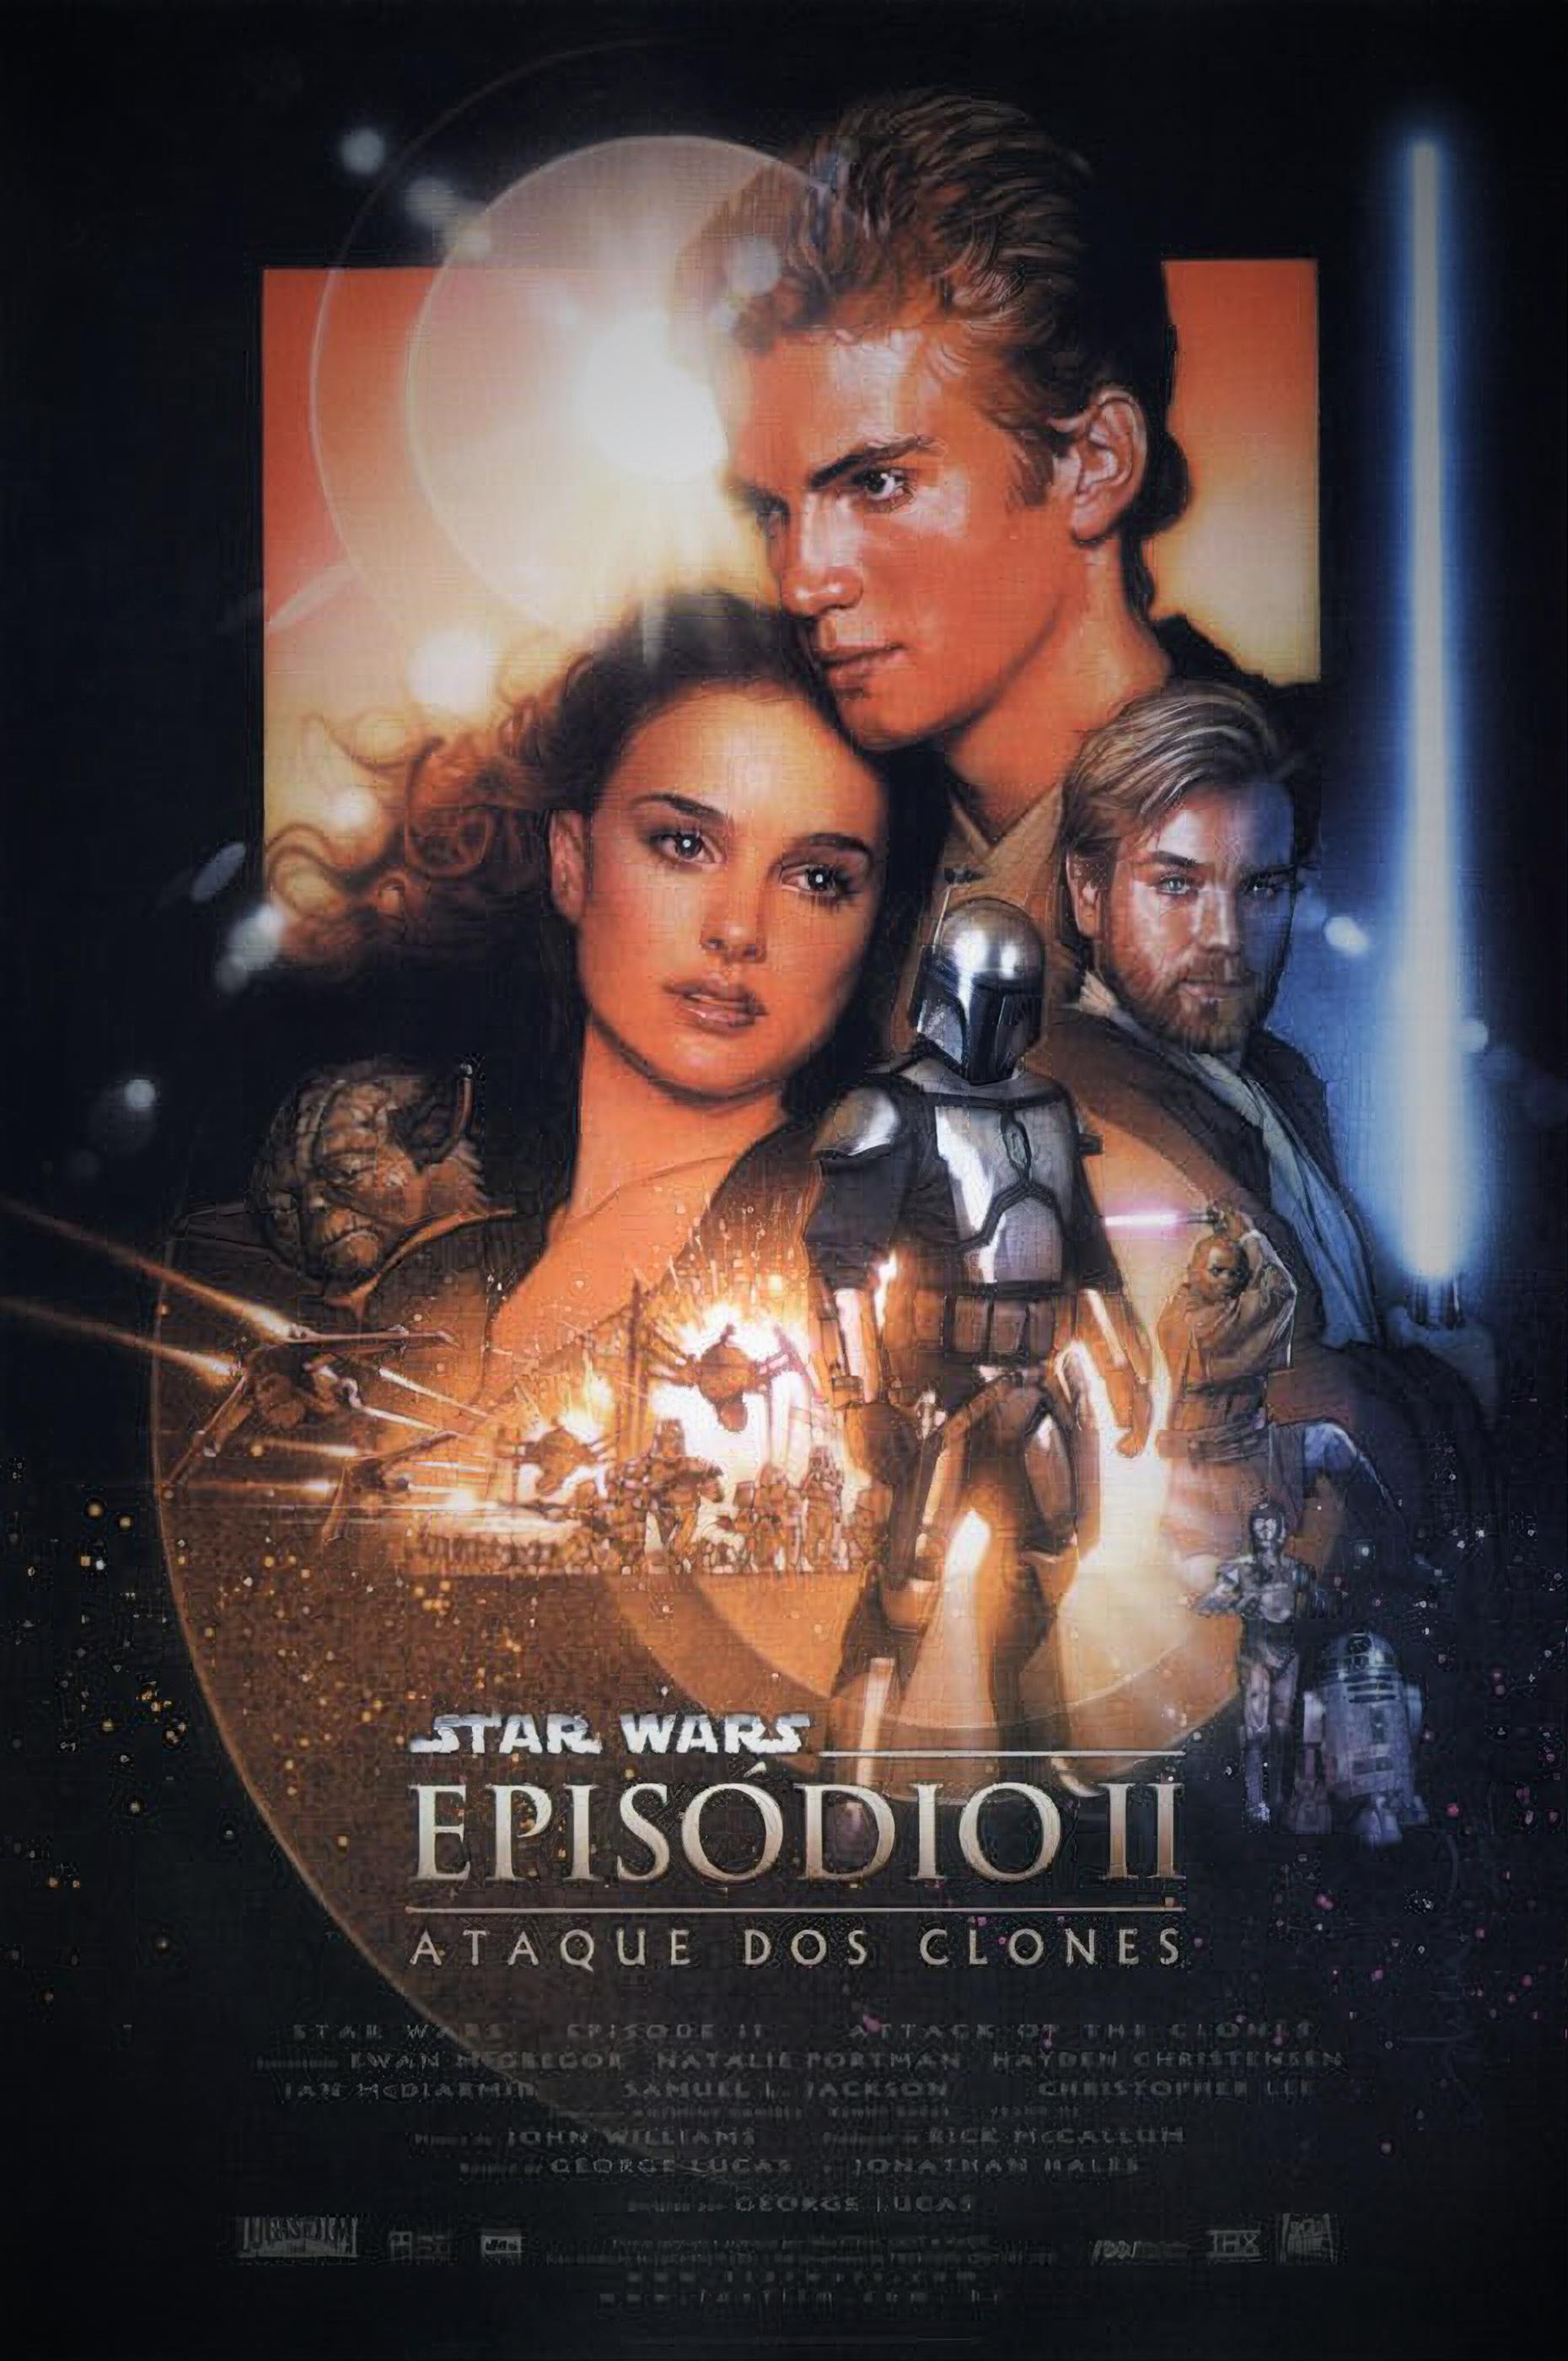 Star Wars Episódio II: Ataque dos Clones